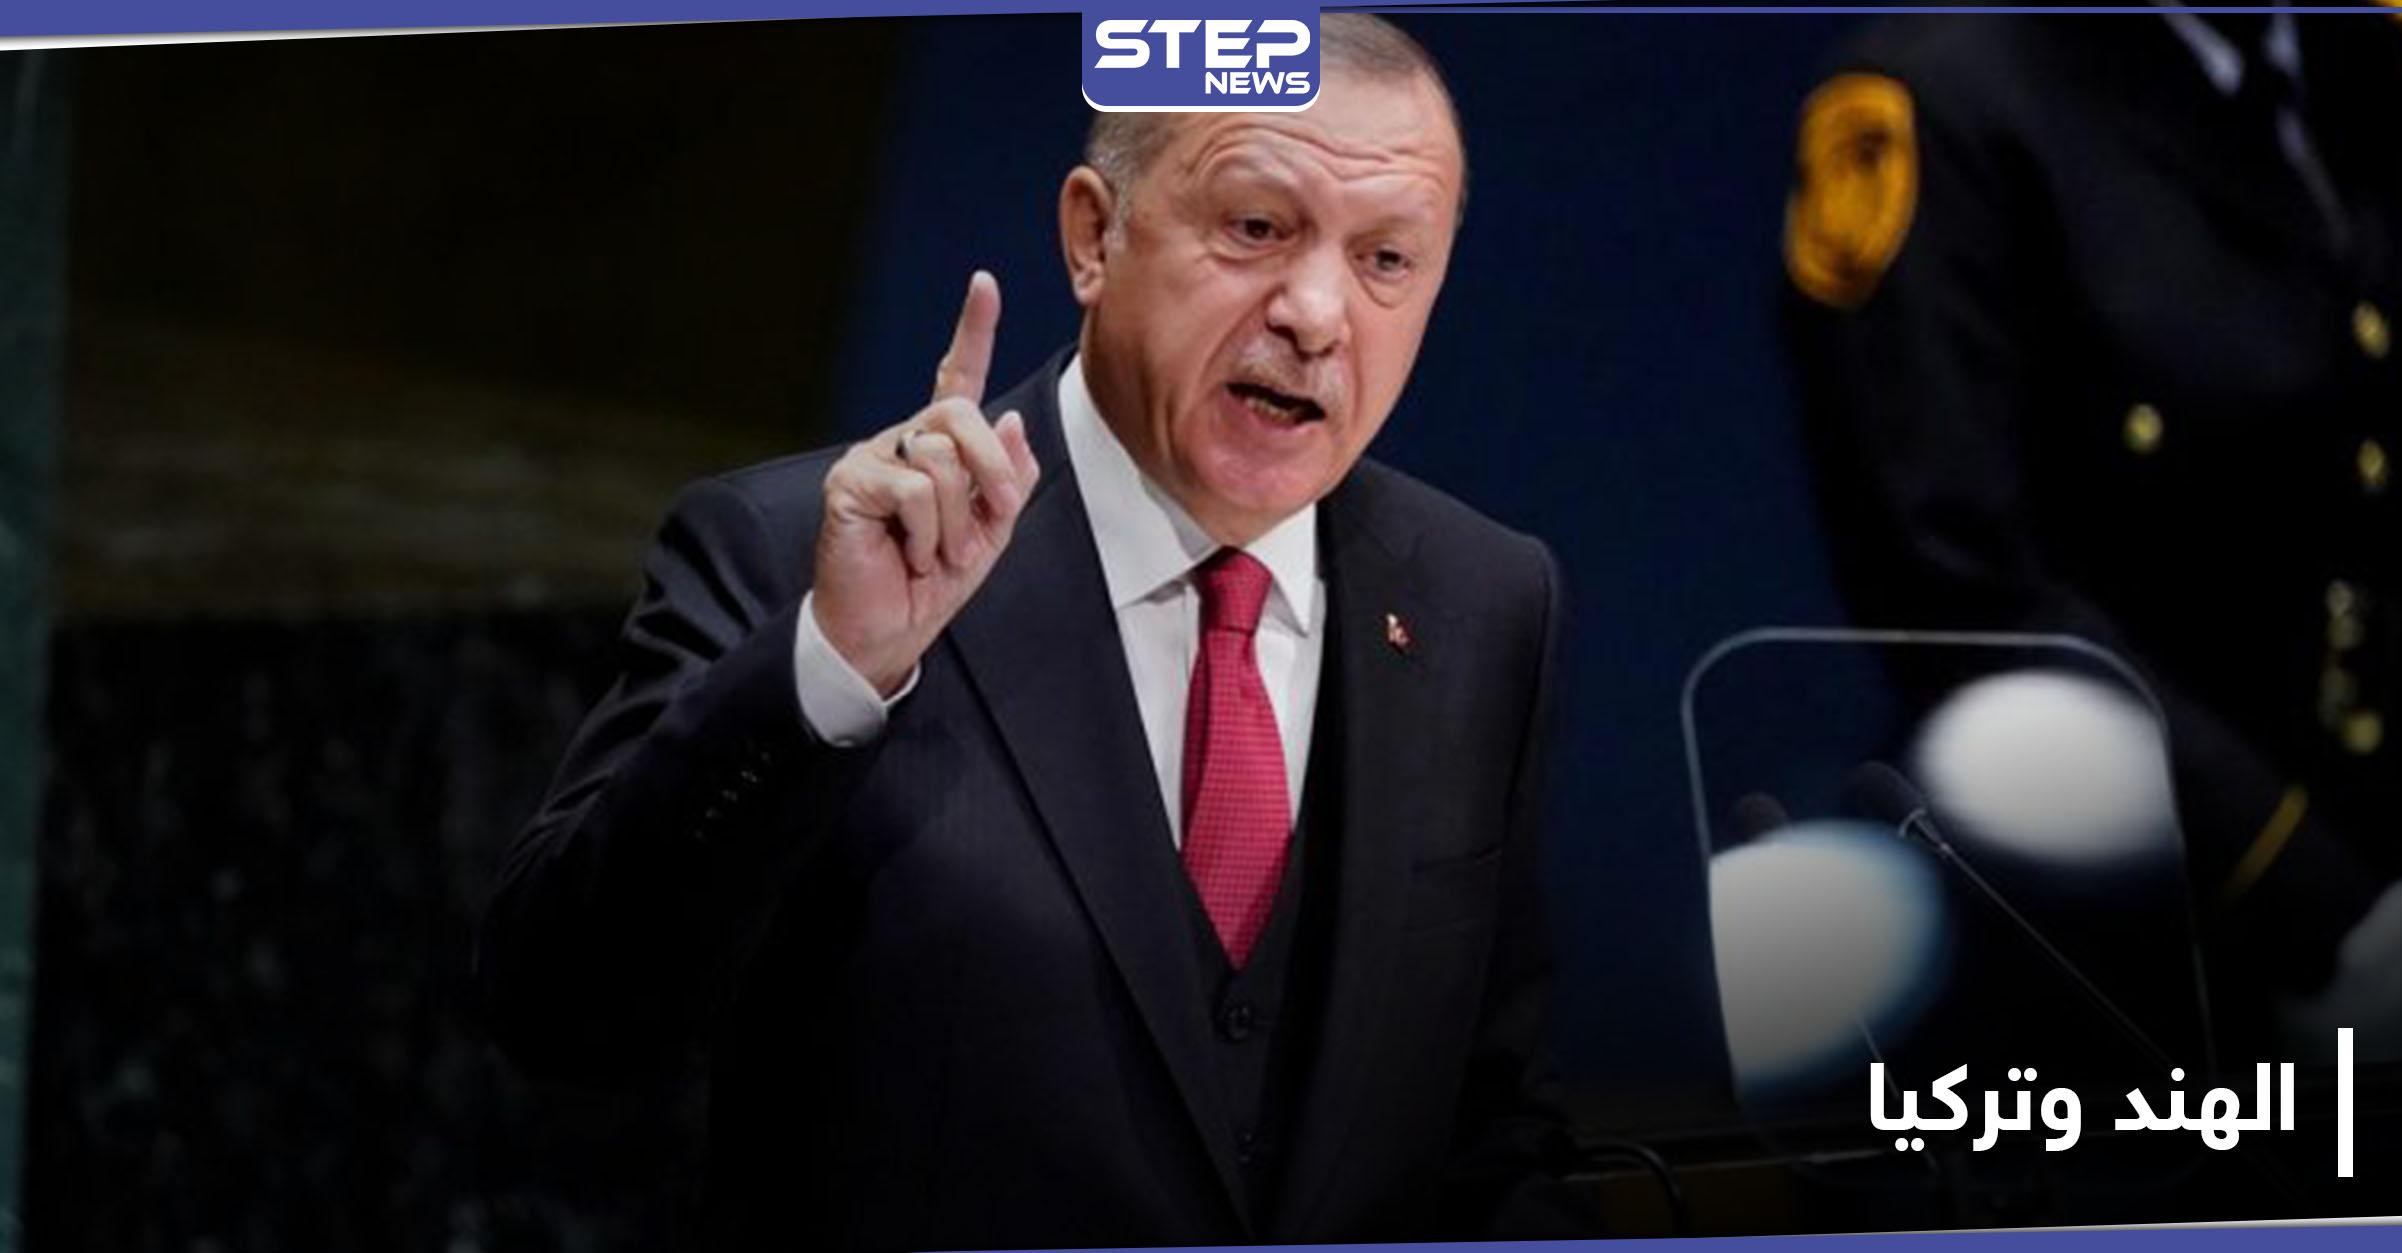 الهند تصنف تركيا ثاني أخطر دولة عليها بعد تصريحات أردوغان